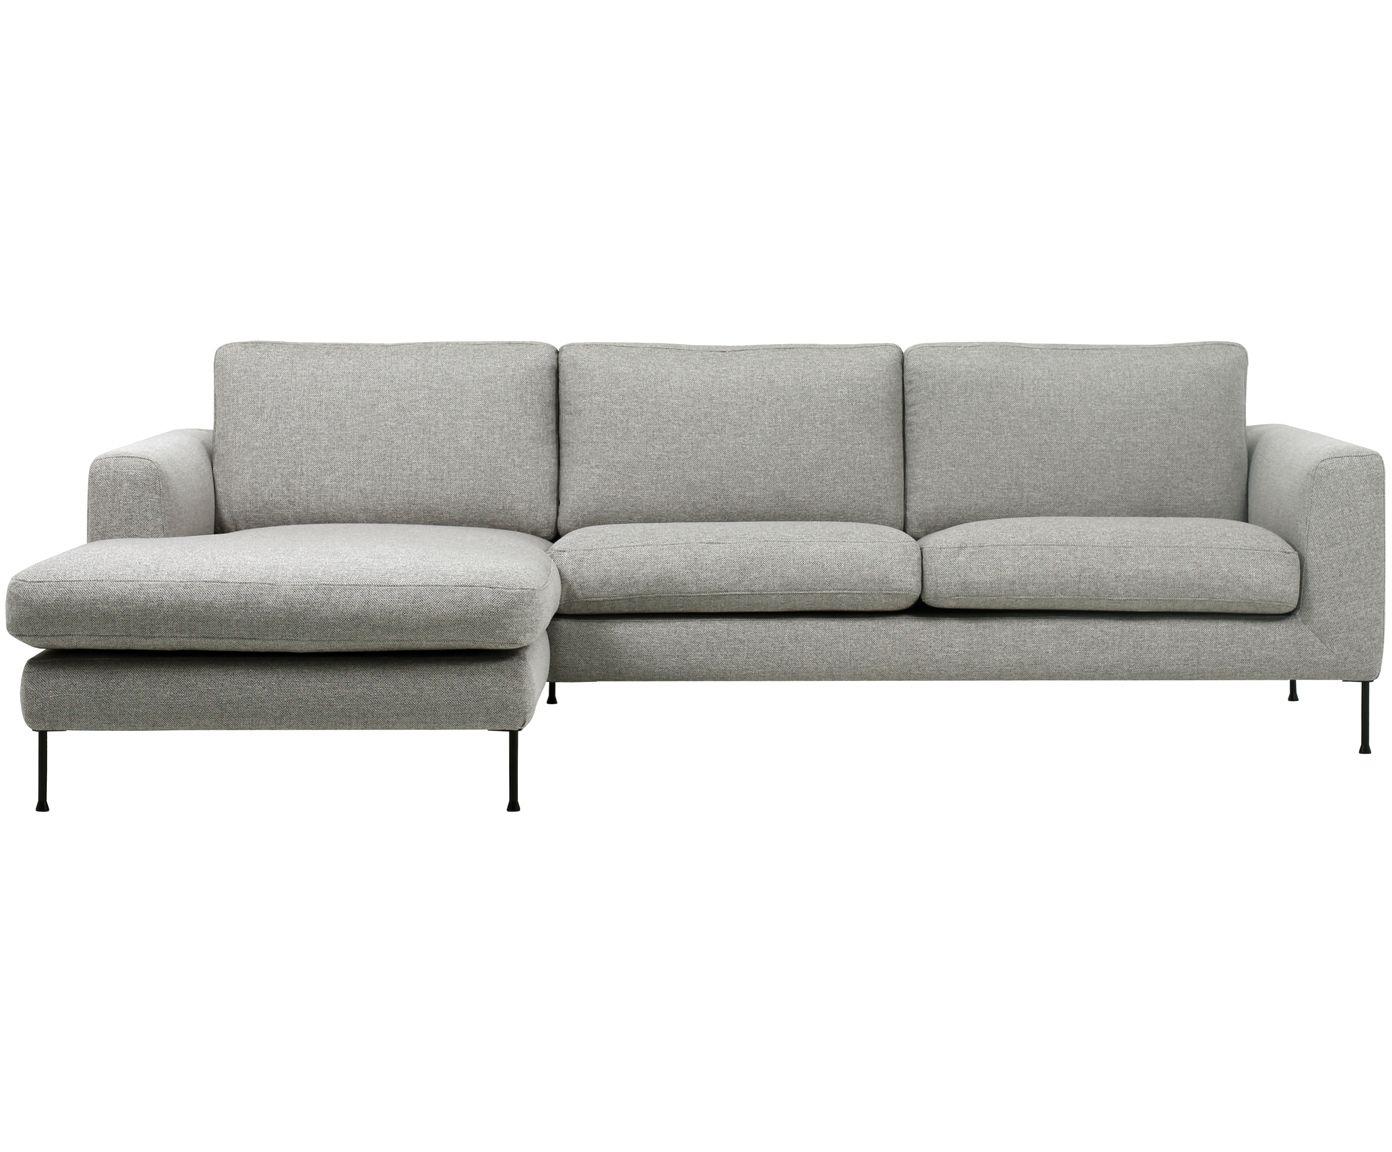 Machen Sie Ihr Wohnzimmer mit Ecksofa Cucita (2-Sitzer), Eckteil ...